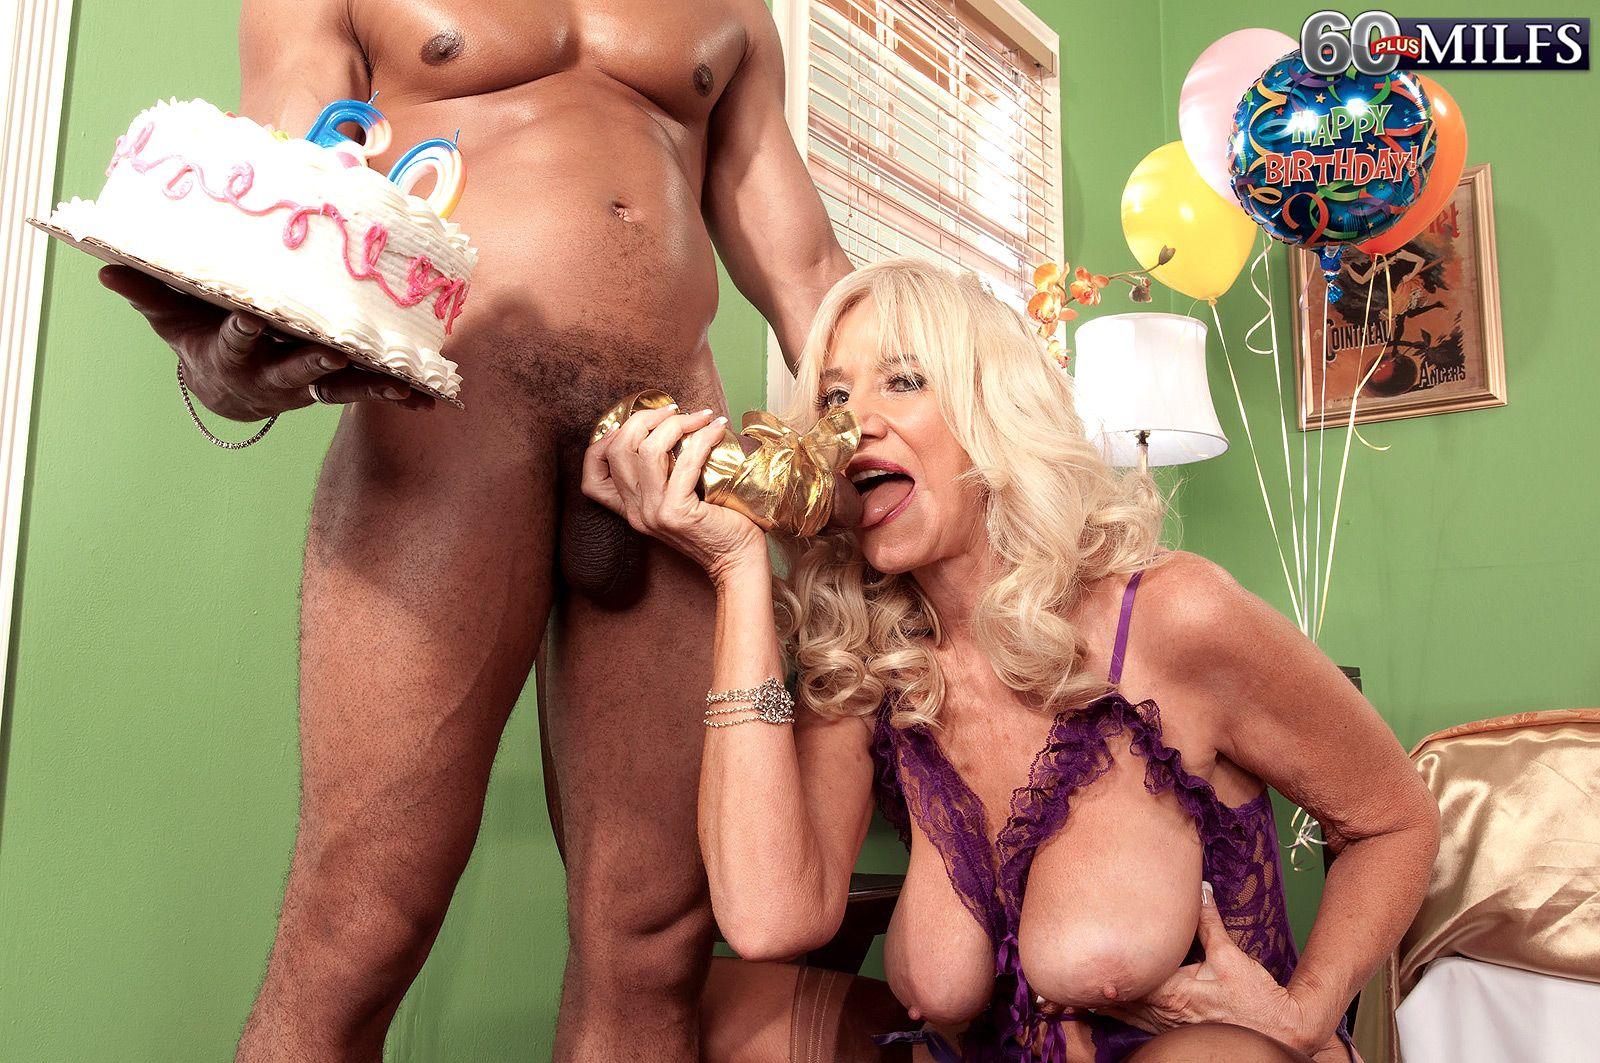 видео секс в подарок на день рождения только